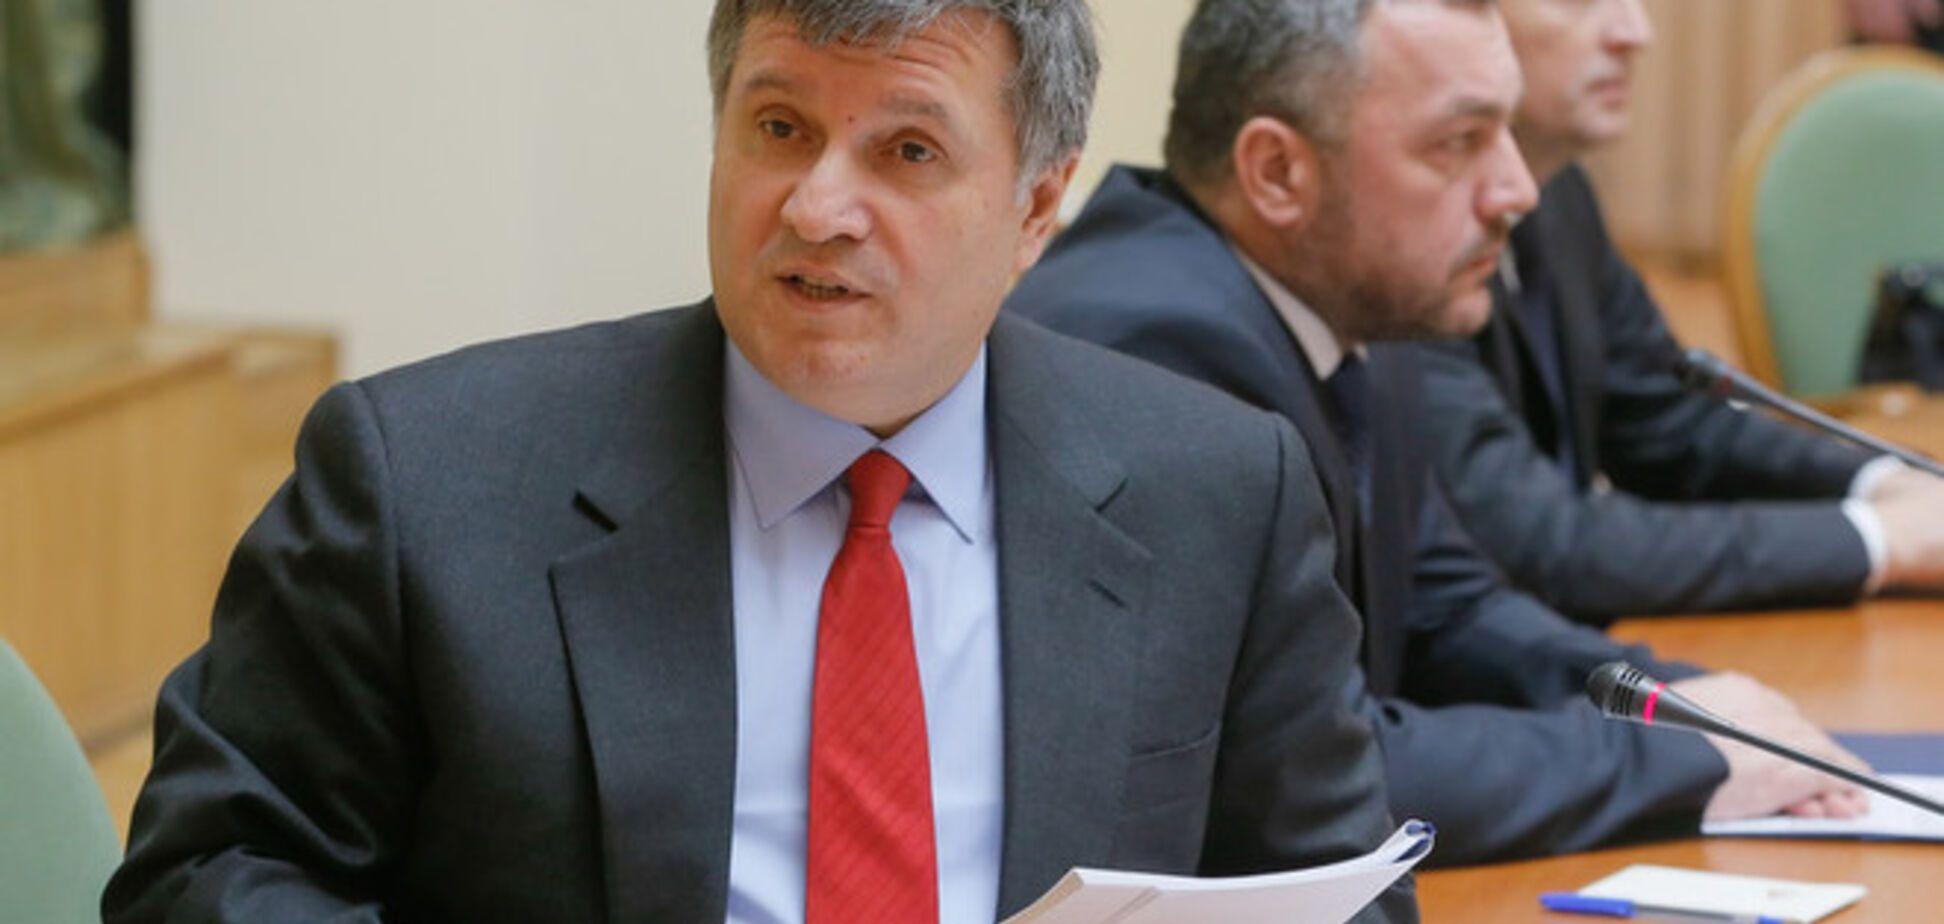 Аваков: милиция на востоке Украины не готова к выполнению обязанностей